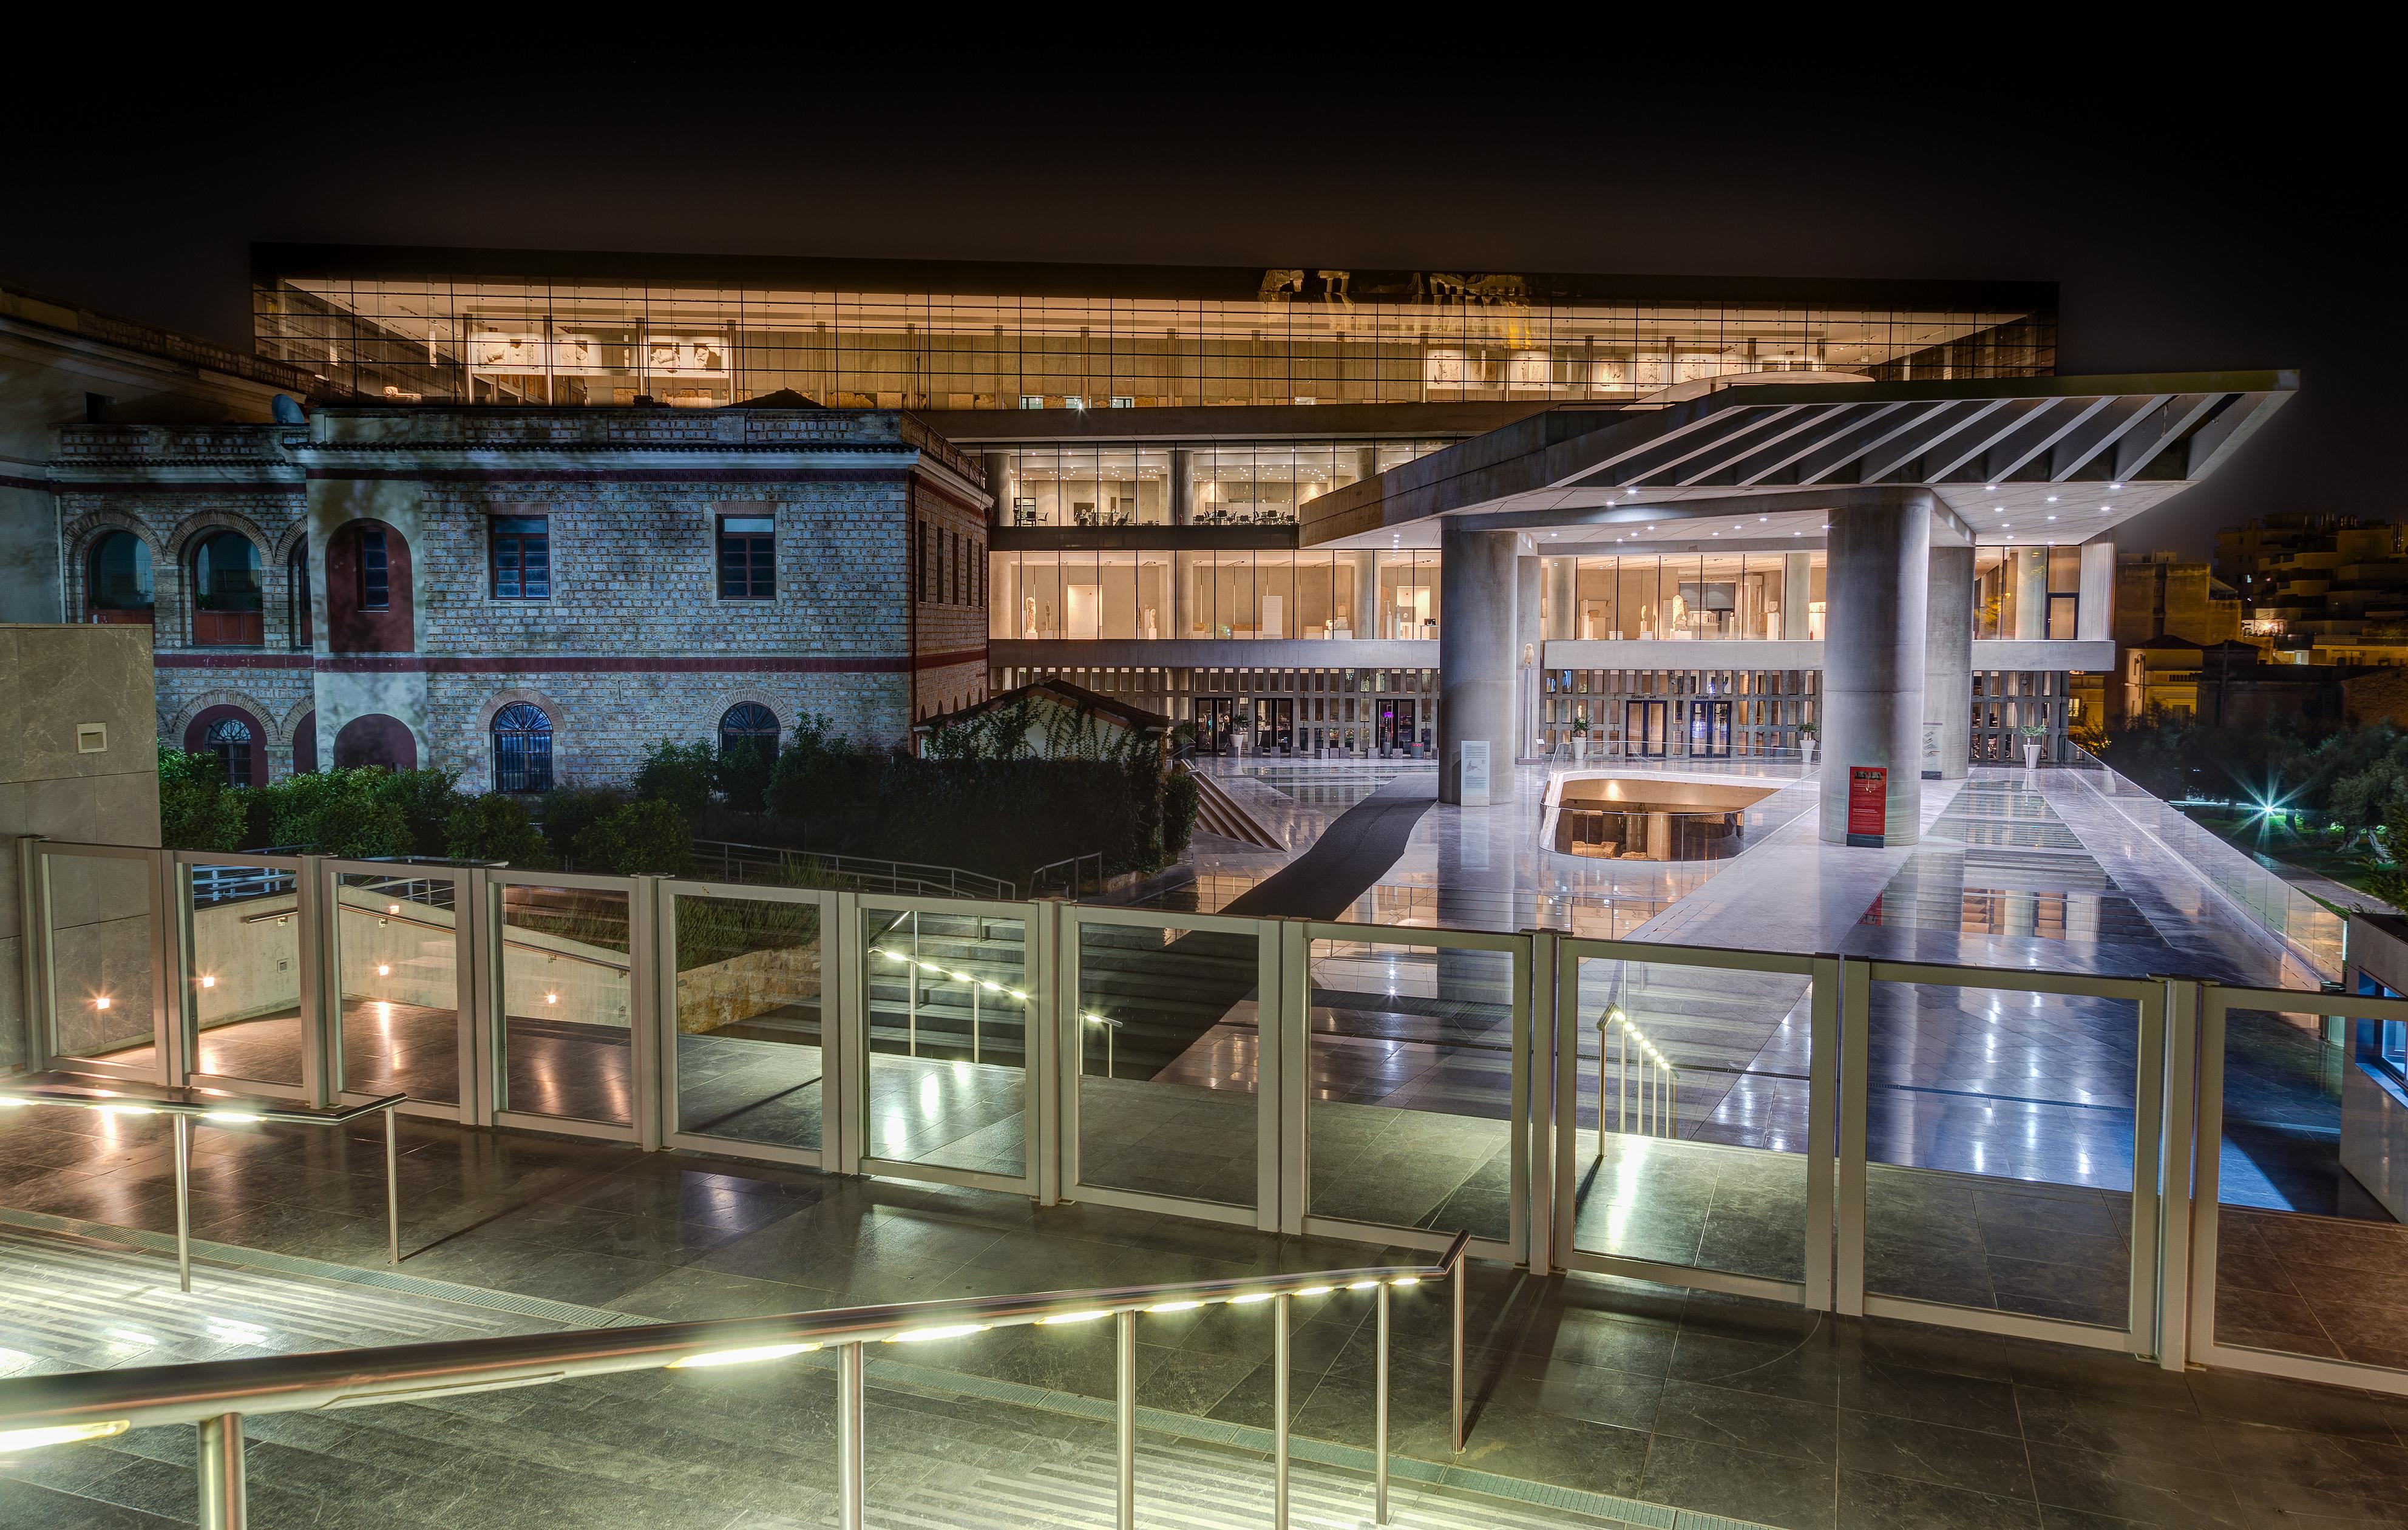 Toda la magia de la Acrópolis, en un museo - Grecia Circuito Atenas y crucero por Islas Griegas